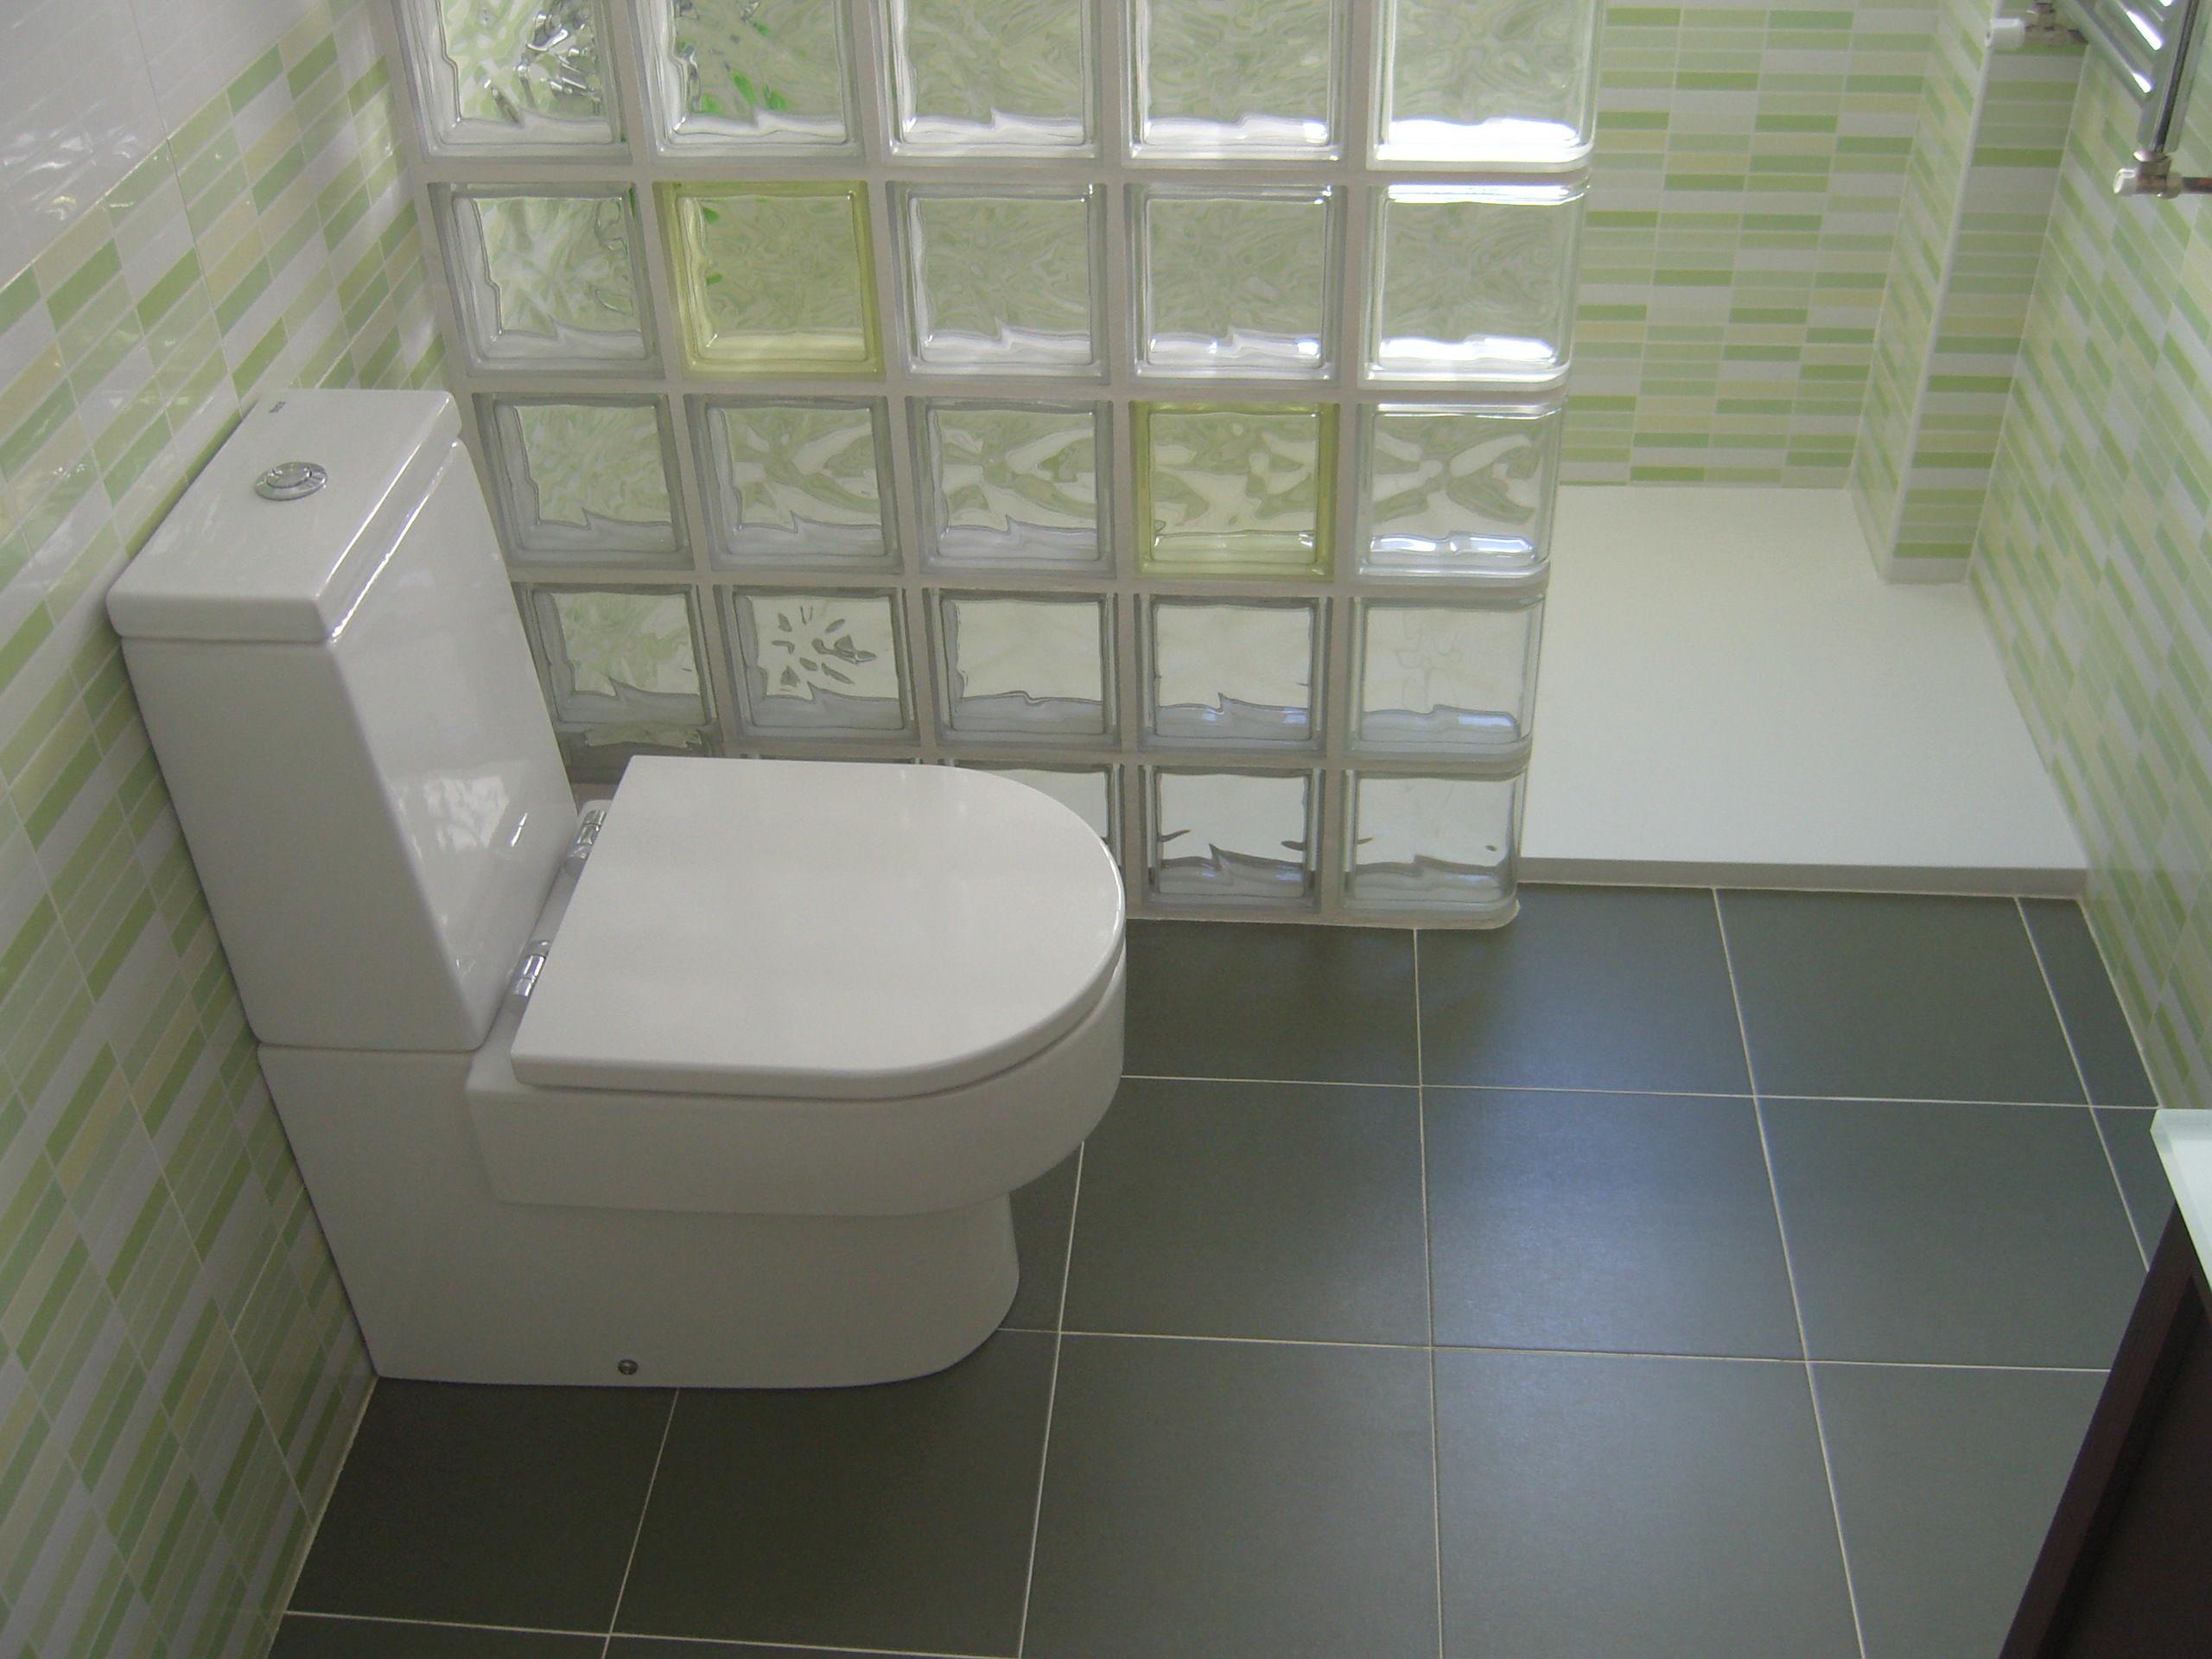 Muros de paves en duchas materiales de construcci n para - Duchas con muro ...